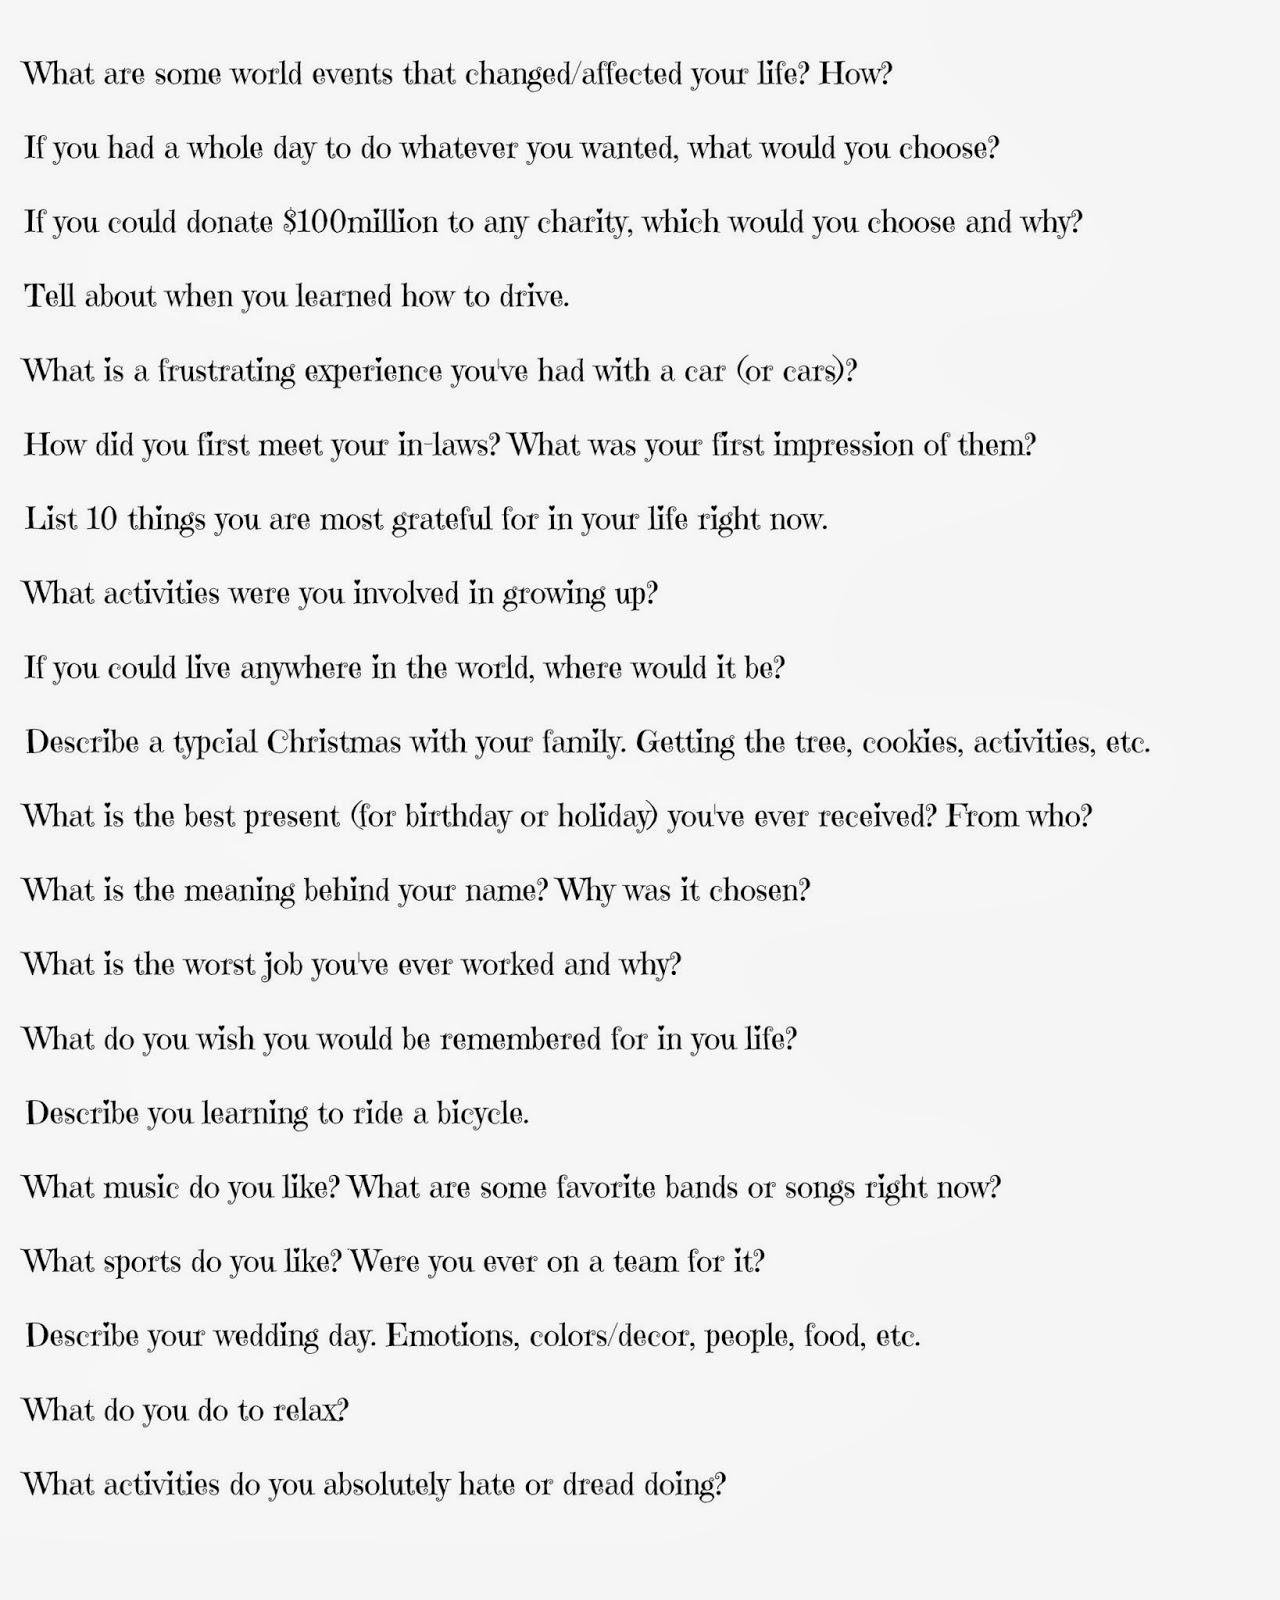 Random movie questions